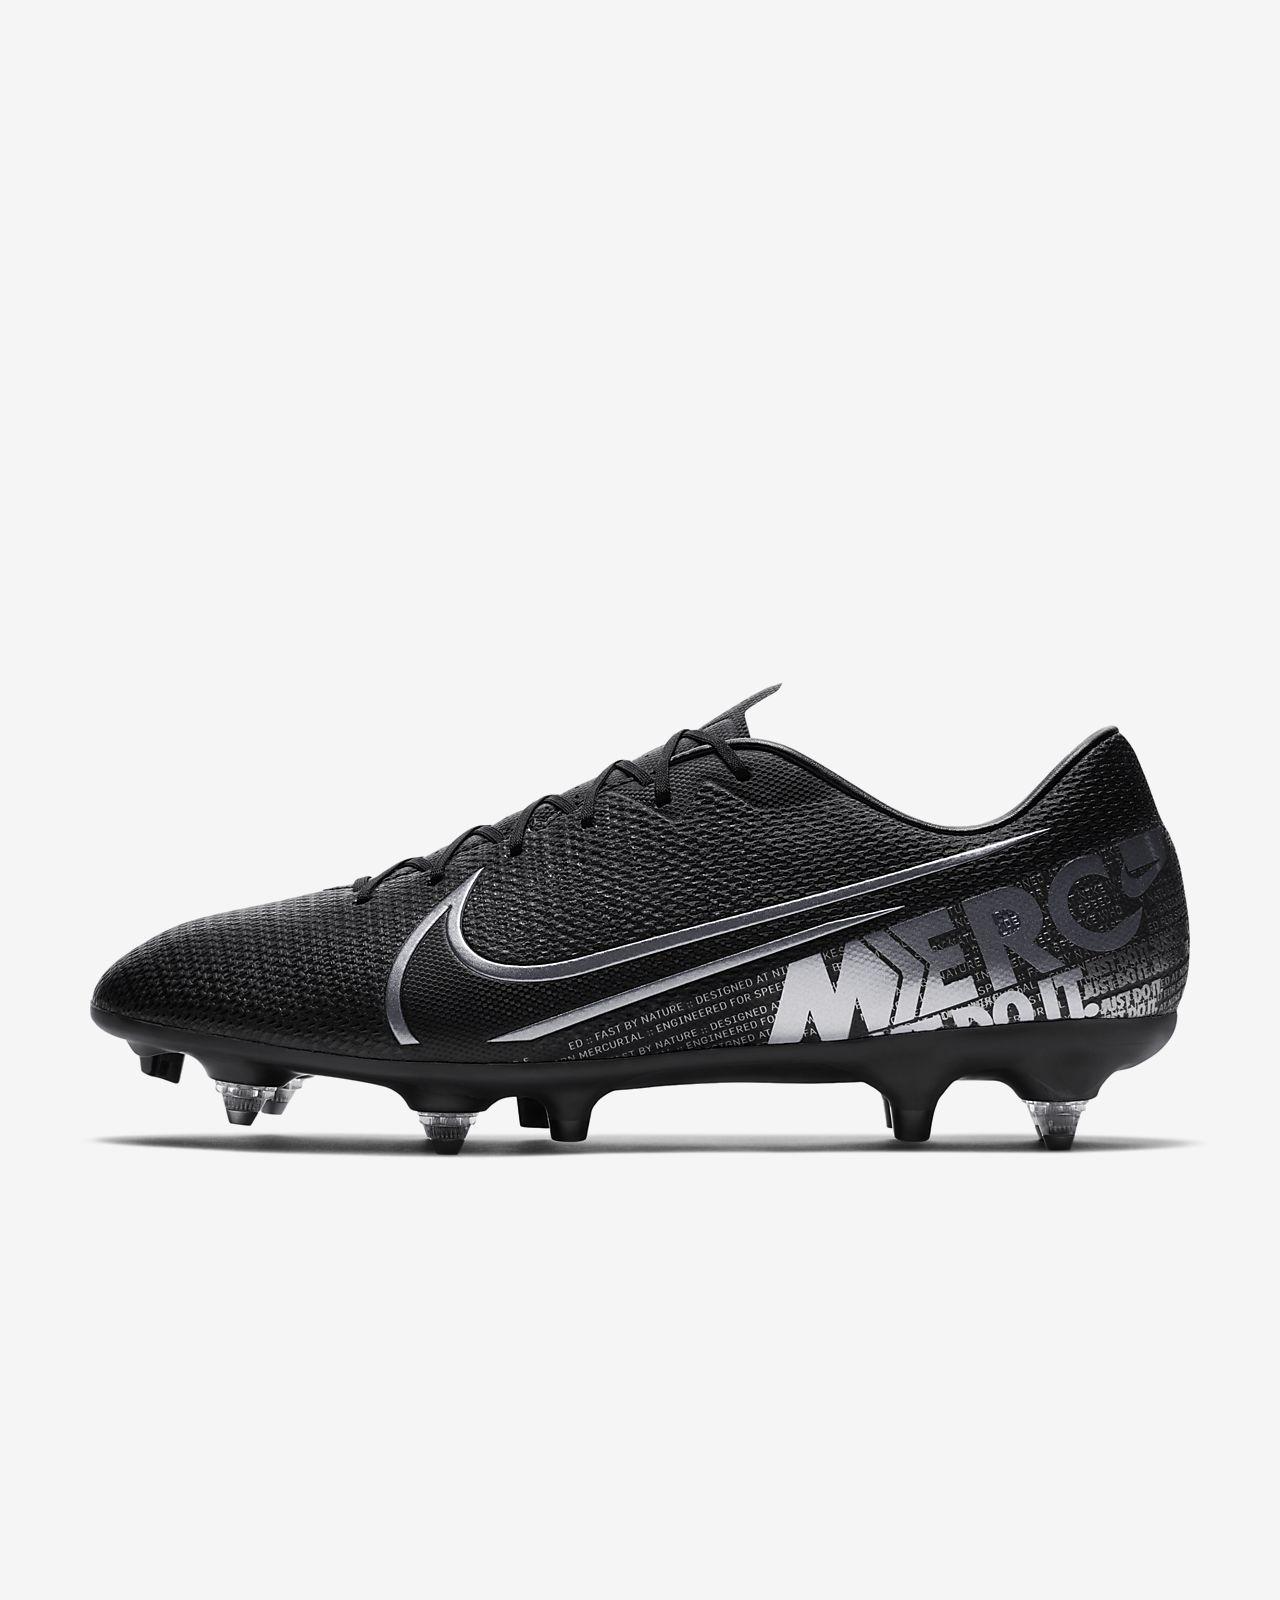 Calzado de fútbol para terreno blando Nike Mercurial Vapor 13 Academy SG-PRO Anti-Clog Traction